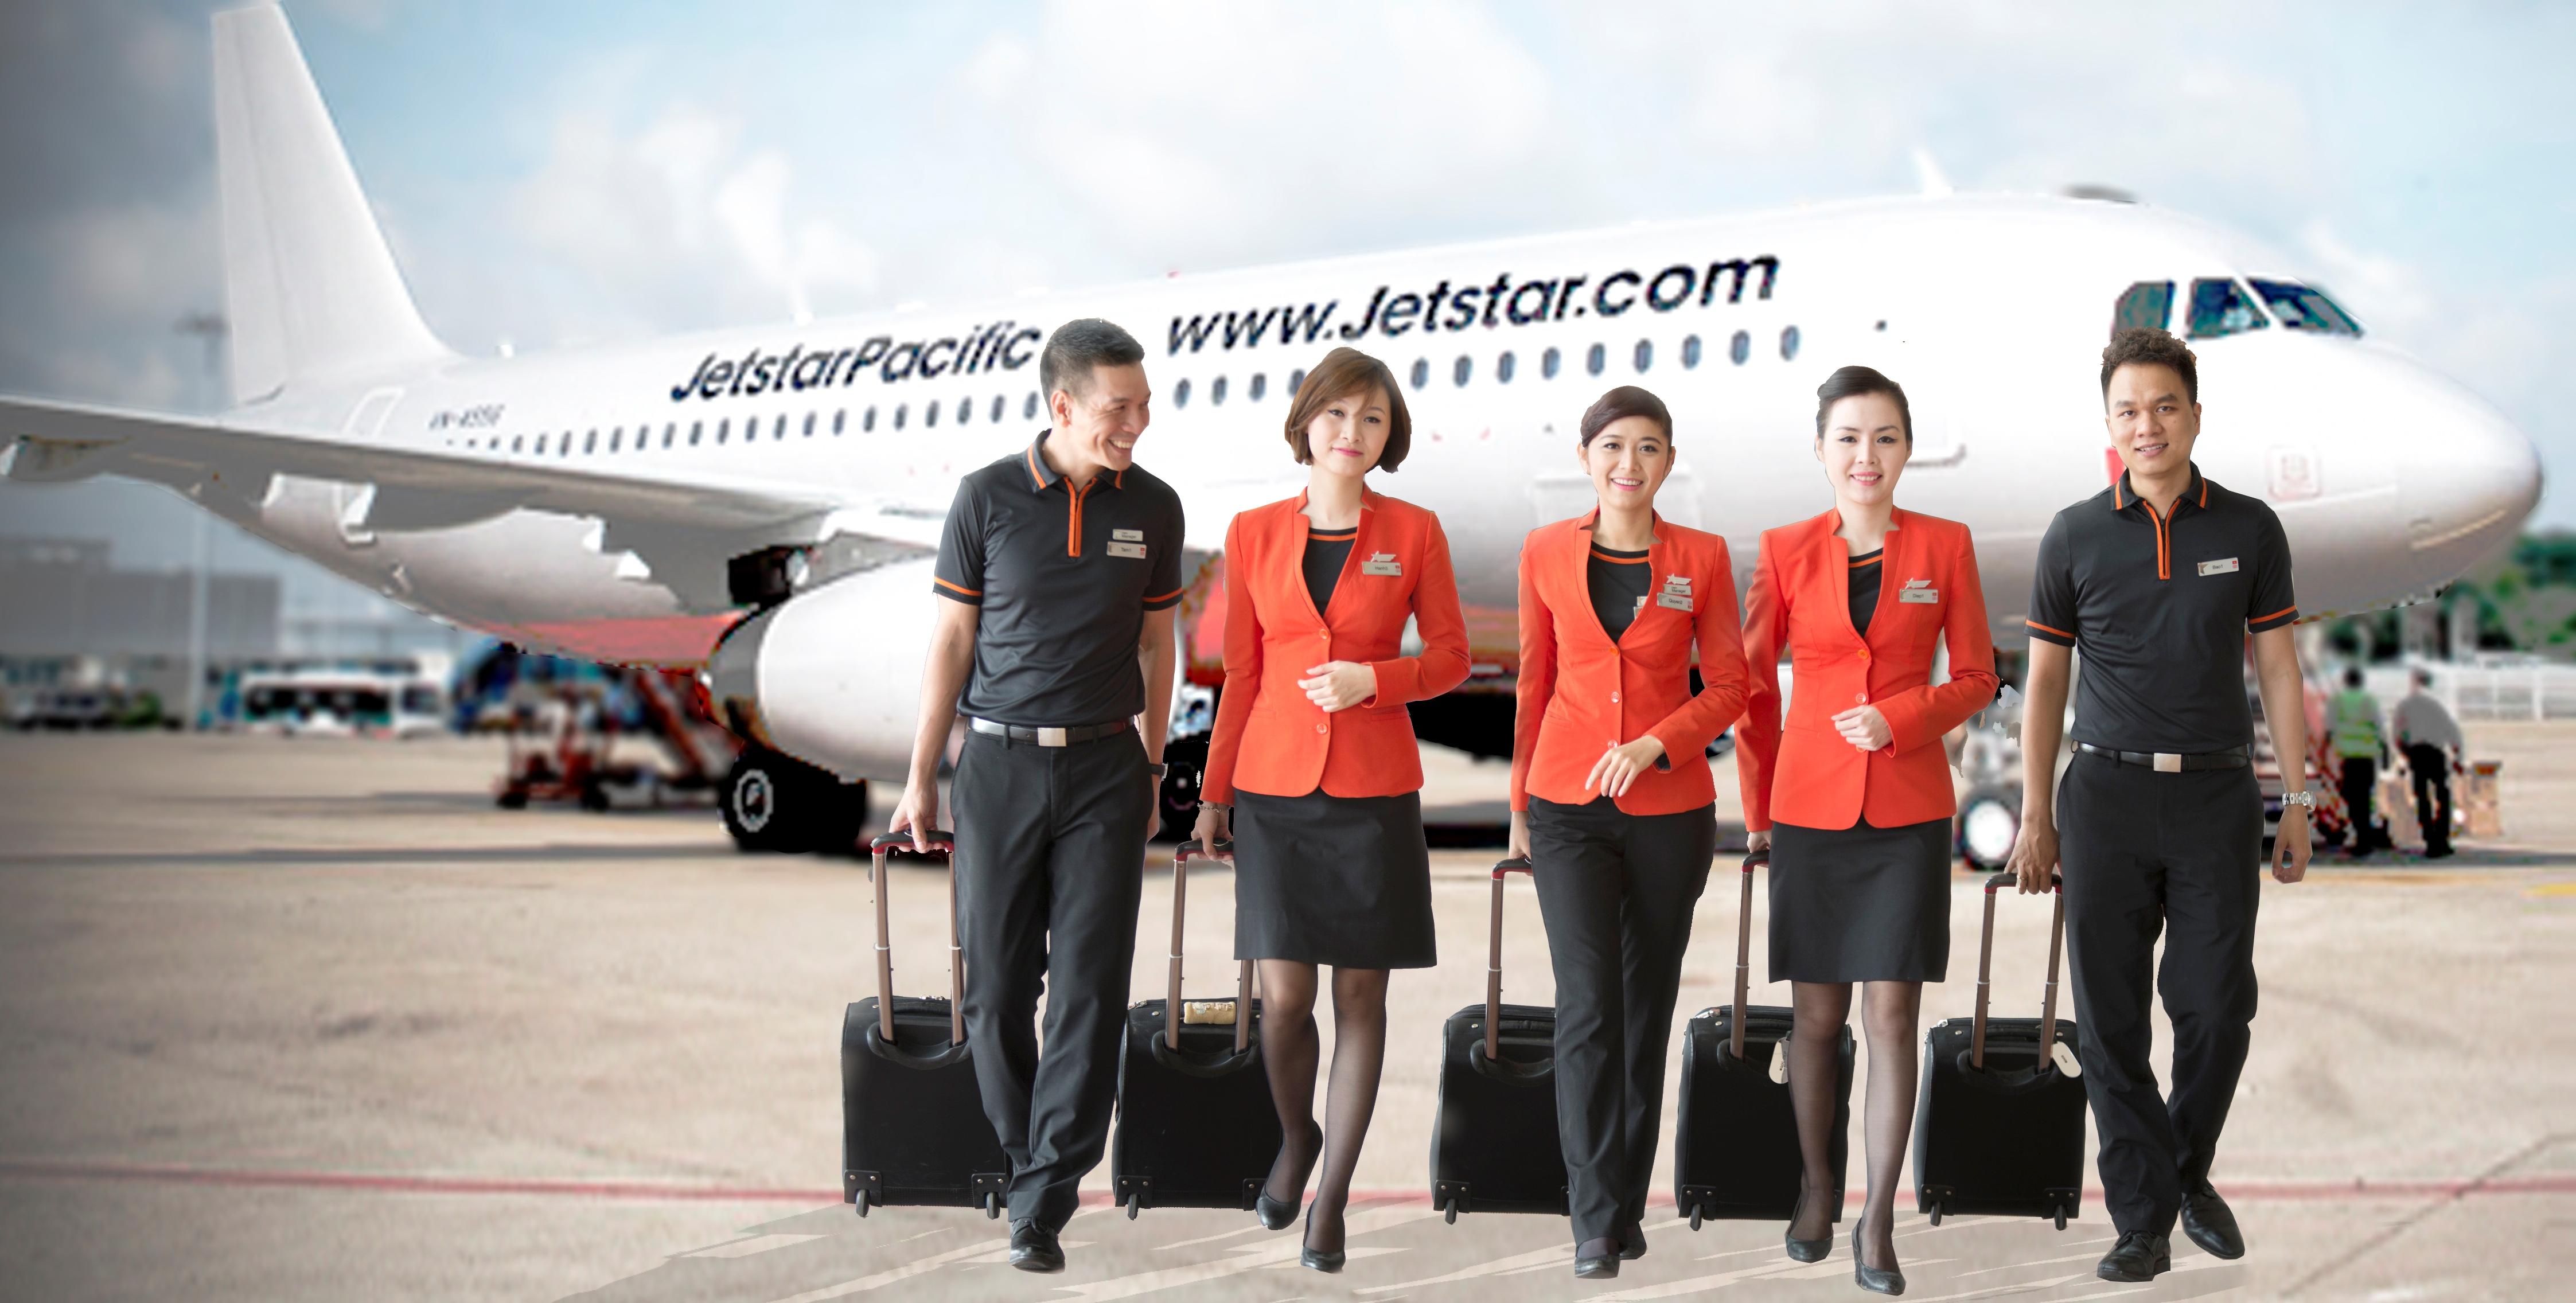 Hàng không Jetstar